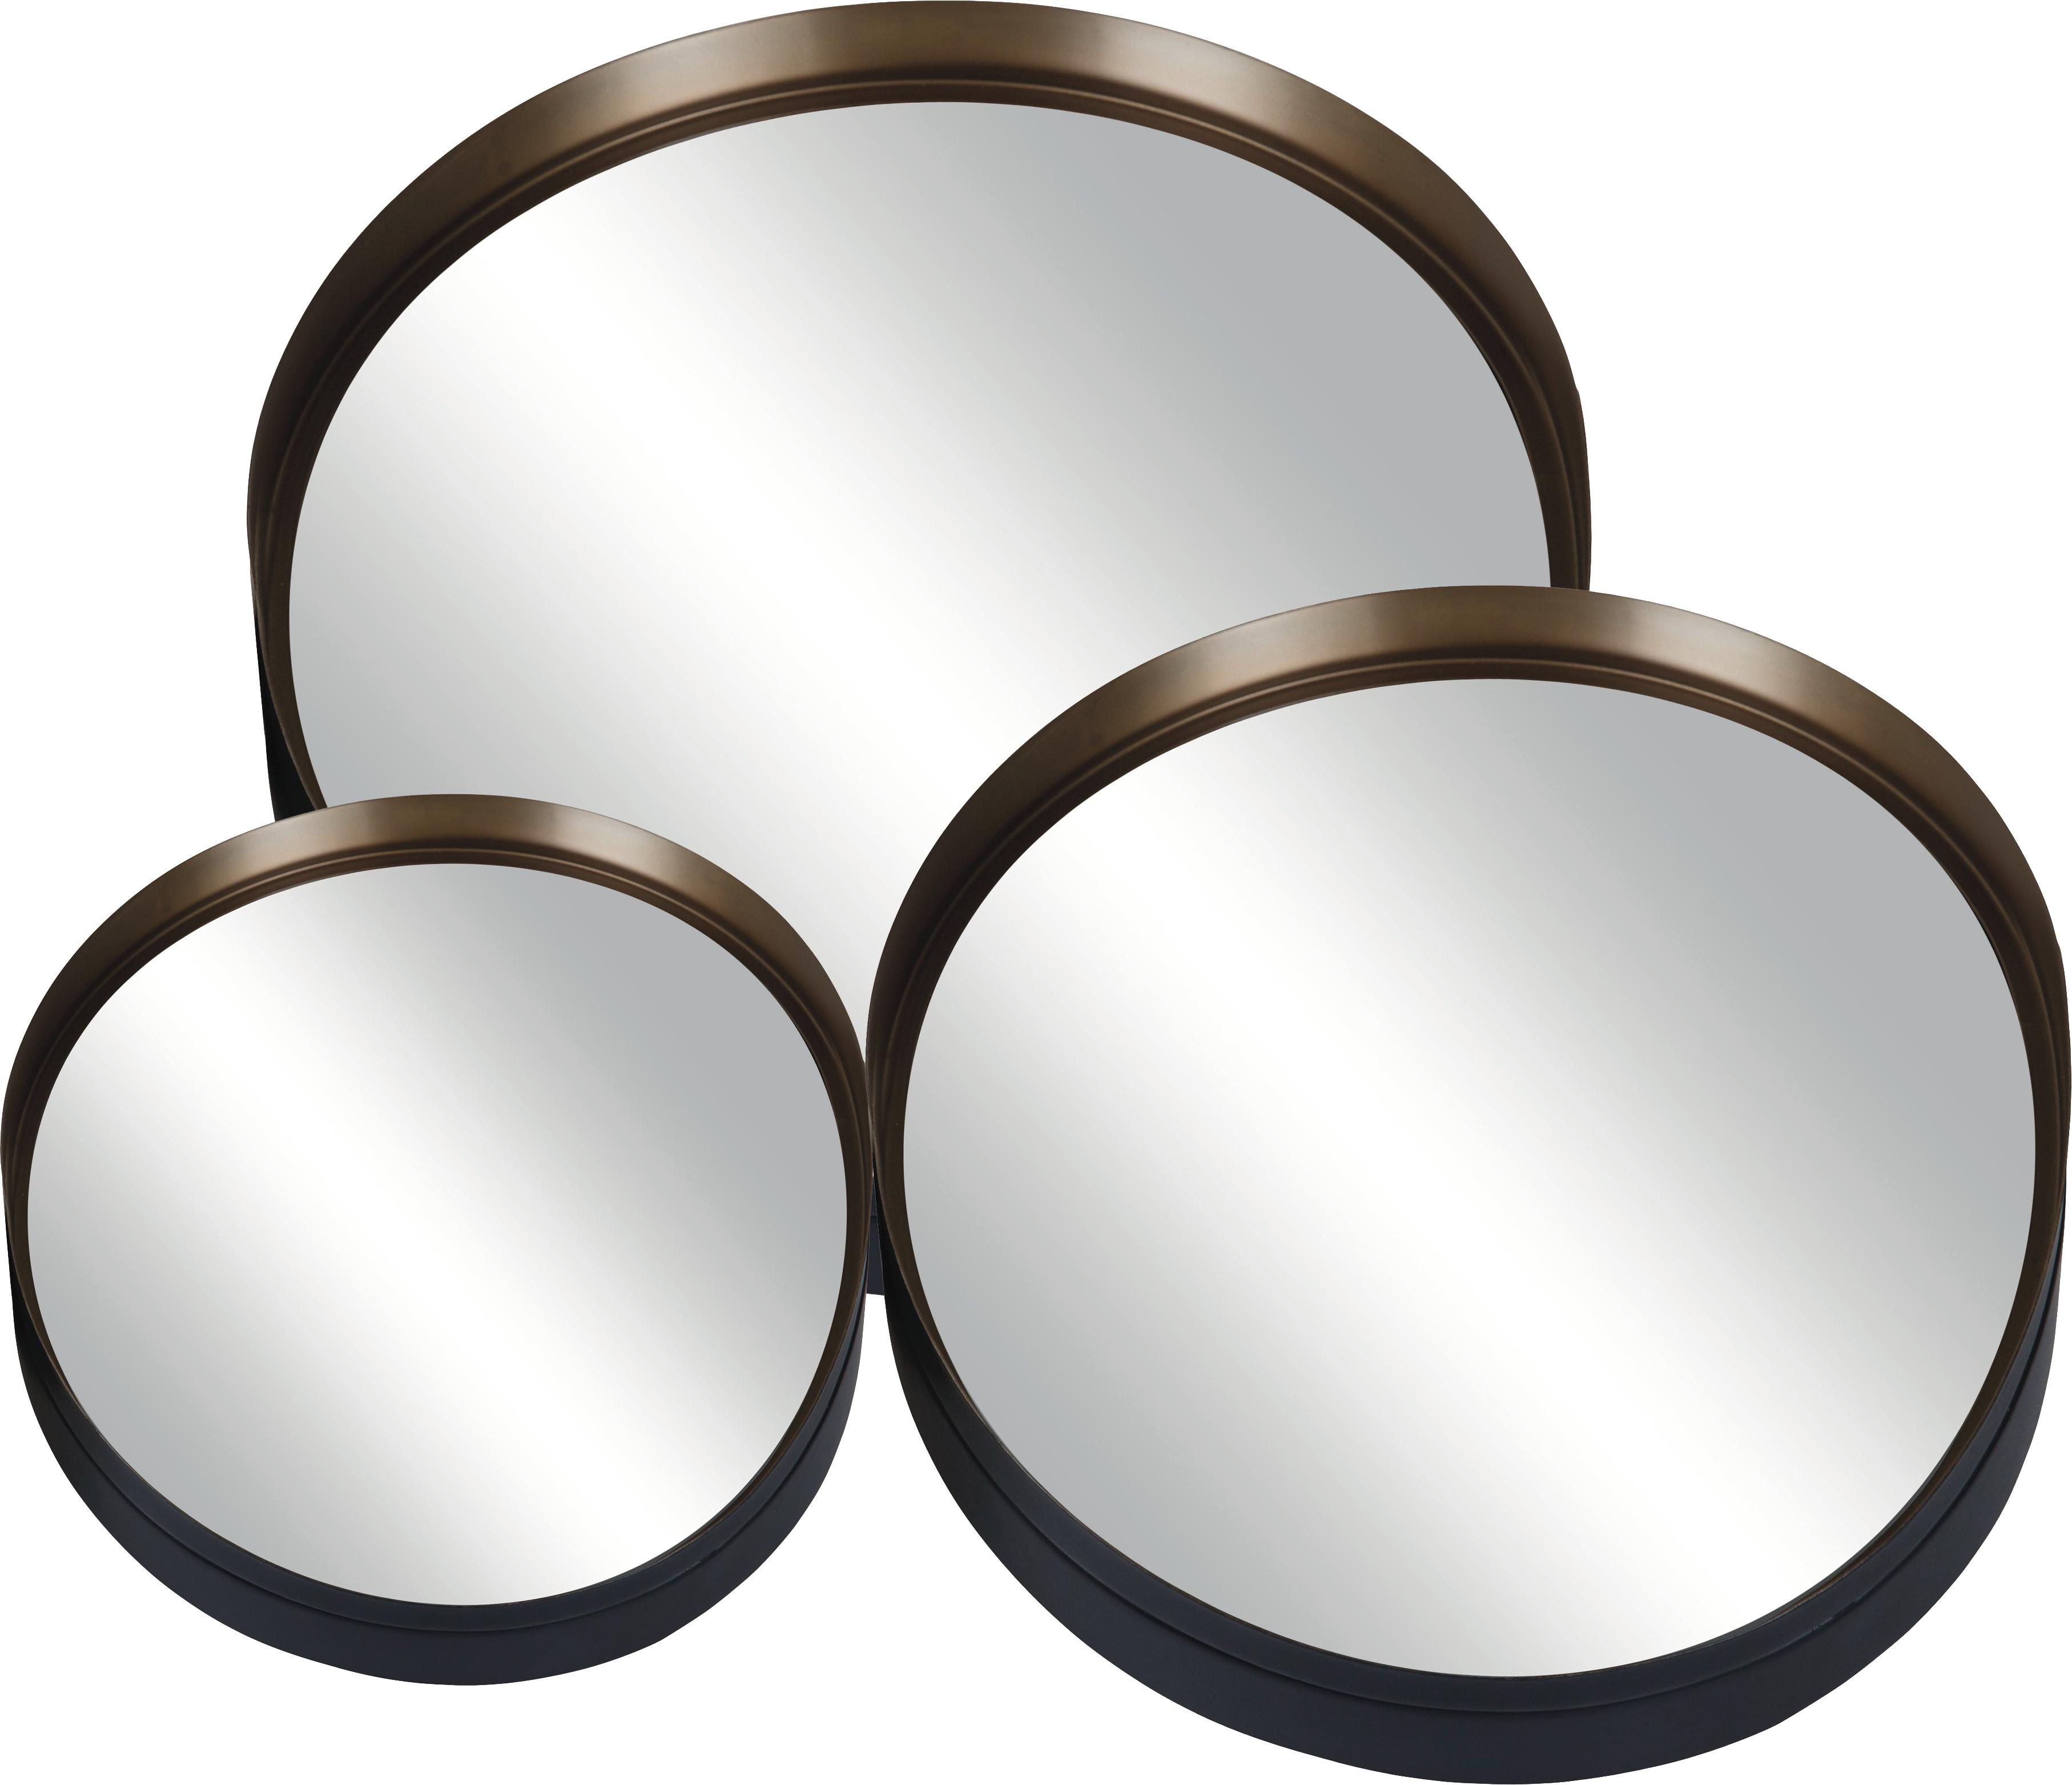 Set 3 specchi da parete rotondi Dolce, Superficie dello specchio: lastra di vetro, Retro: pannello di fibra a media, Nero, dorato, Set in varie misure